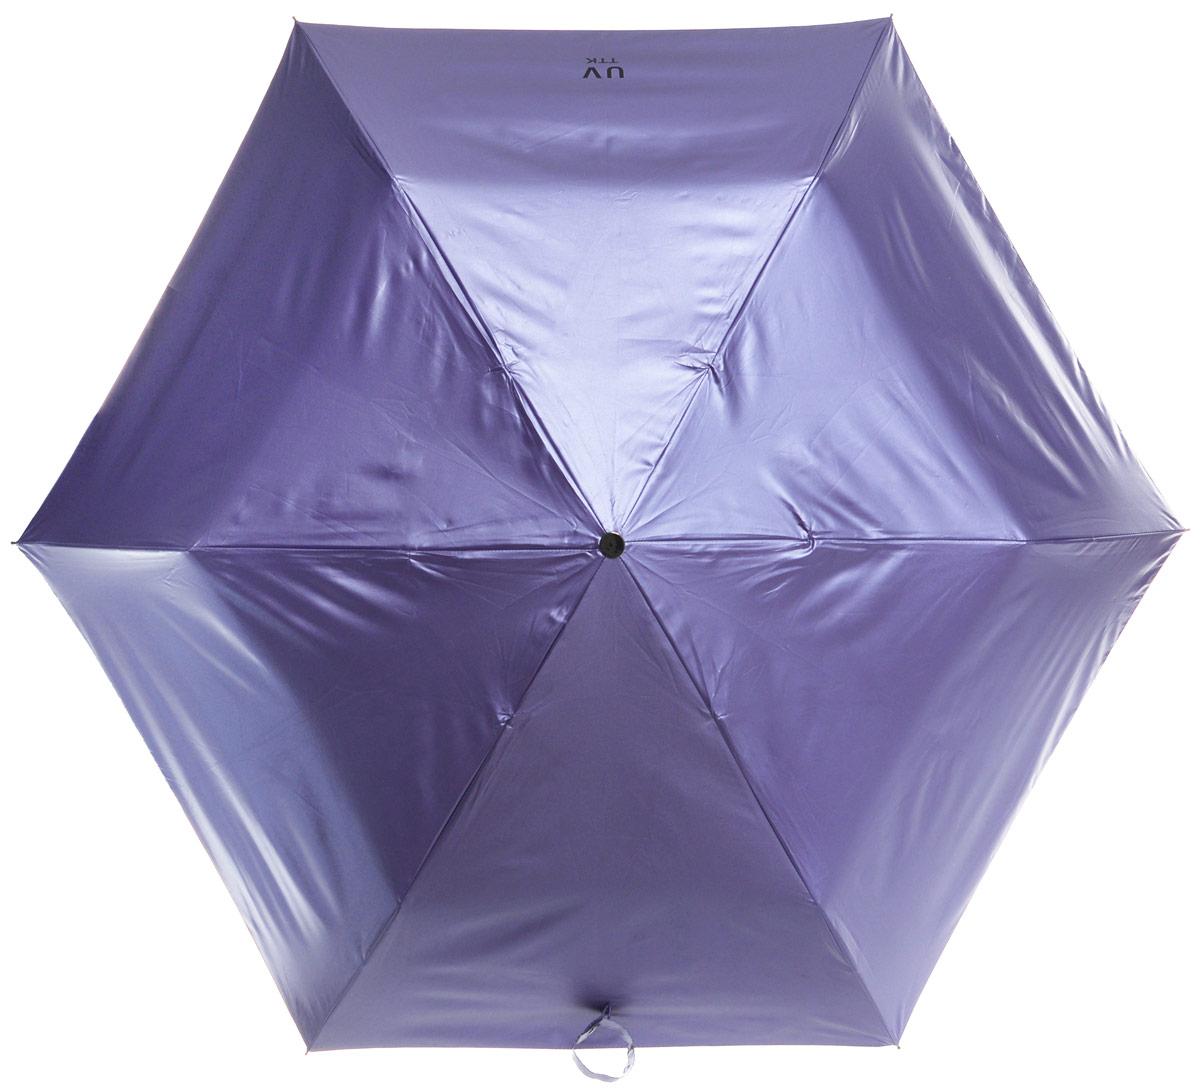 Зонт женский Эврика Звездное небо, механика, 3 сложения, цвет: лавандовый. 9679696796Оригинальный зонт Эврика не оставит вас незамеченной. С внешней стороны купол оформлен с металлическим оттенком, а с внутренней - в виде черного неба с созвездиями. Стержень изделия изготовлен из металла. Купол выполнен из качественного нейлона, который не пропускает воду. Зонт состоит из шести спиц, изготовленных из металла с элементами из пластика и пластиковой ручки. Зонт имеет механический способ сложения: и купол, и стержень открываются вручную до характерного щелчка. Ручка дополнена петлей, благодаря которой зонт можно носить на запястье. К зонту прилагается чехол. Благодаря своему небольшому размеру, зонт легко пометится в сумку. Раскрыв зонт можно увидеть внутри ночное небо с созвездиями. Зонт-планетарий станет отличным подарком и надежной защитой от непогоды.